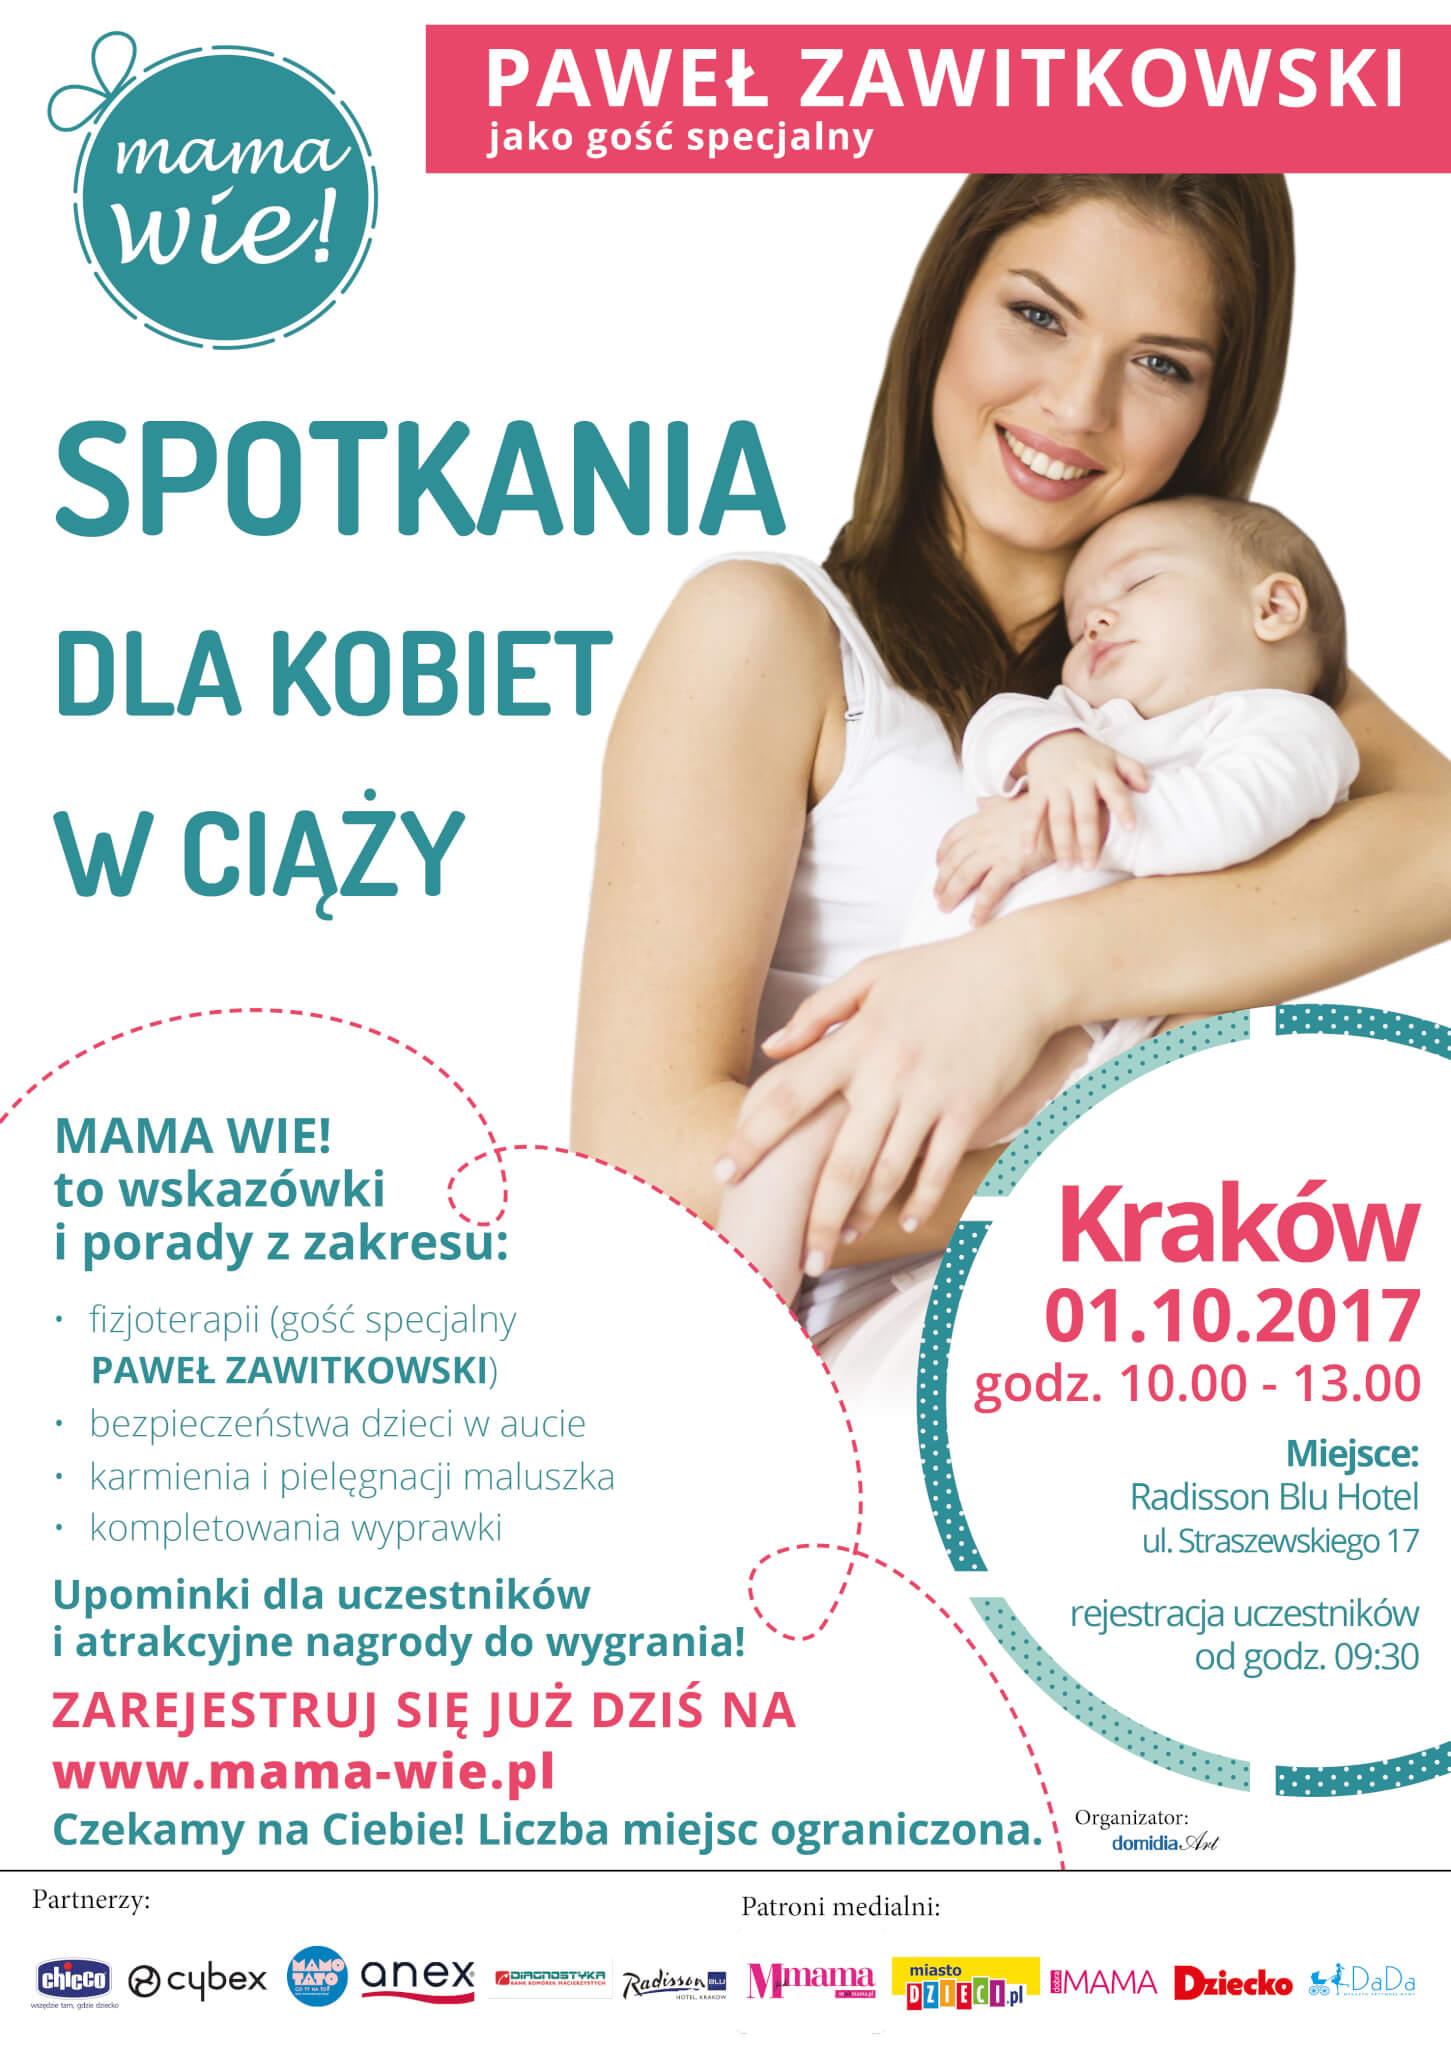 mama wie krakow